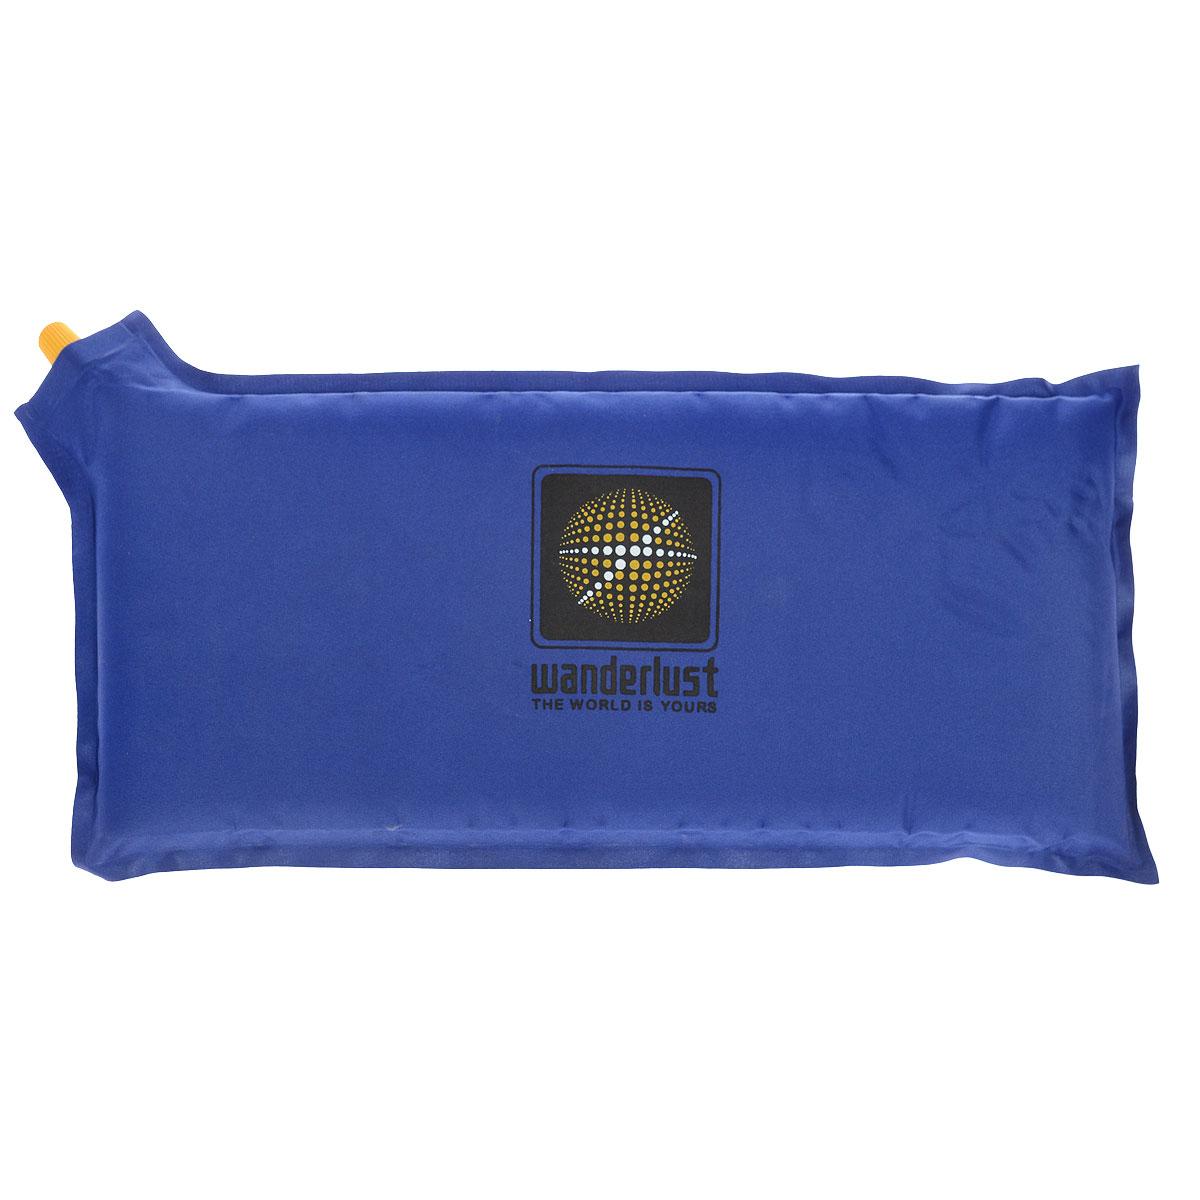 Коврик-сиденье Wanderlust Seat III, самонадувающийся, цвет: синий16083_синийСамонадувающийся коврик-сиденье Wanderlust Seat III станет прекрасной заменой громоздкой кемпинговой мебели. Выполнен из высококачественного полиэстера 75D с пропиткой ПВХ, наполнитель - вспененный полиуретан. В комплект входит ремонтный набор. УВАЖАЕМЫЕ КЛИЕНТЫ! Обращаем ваше внимание на тот факт, что при открытии клапана коврик надувается самостоятельно, но до полной упругости необходим дополнительный поддув.